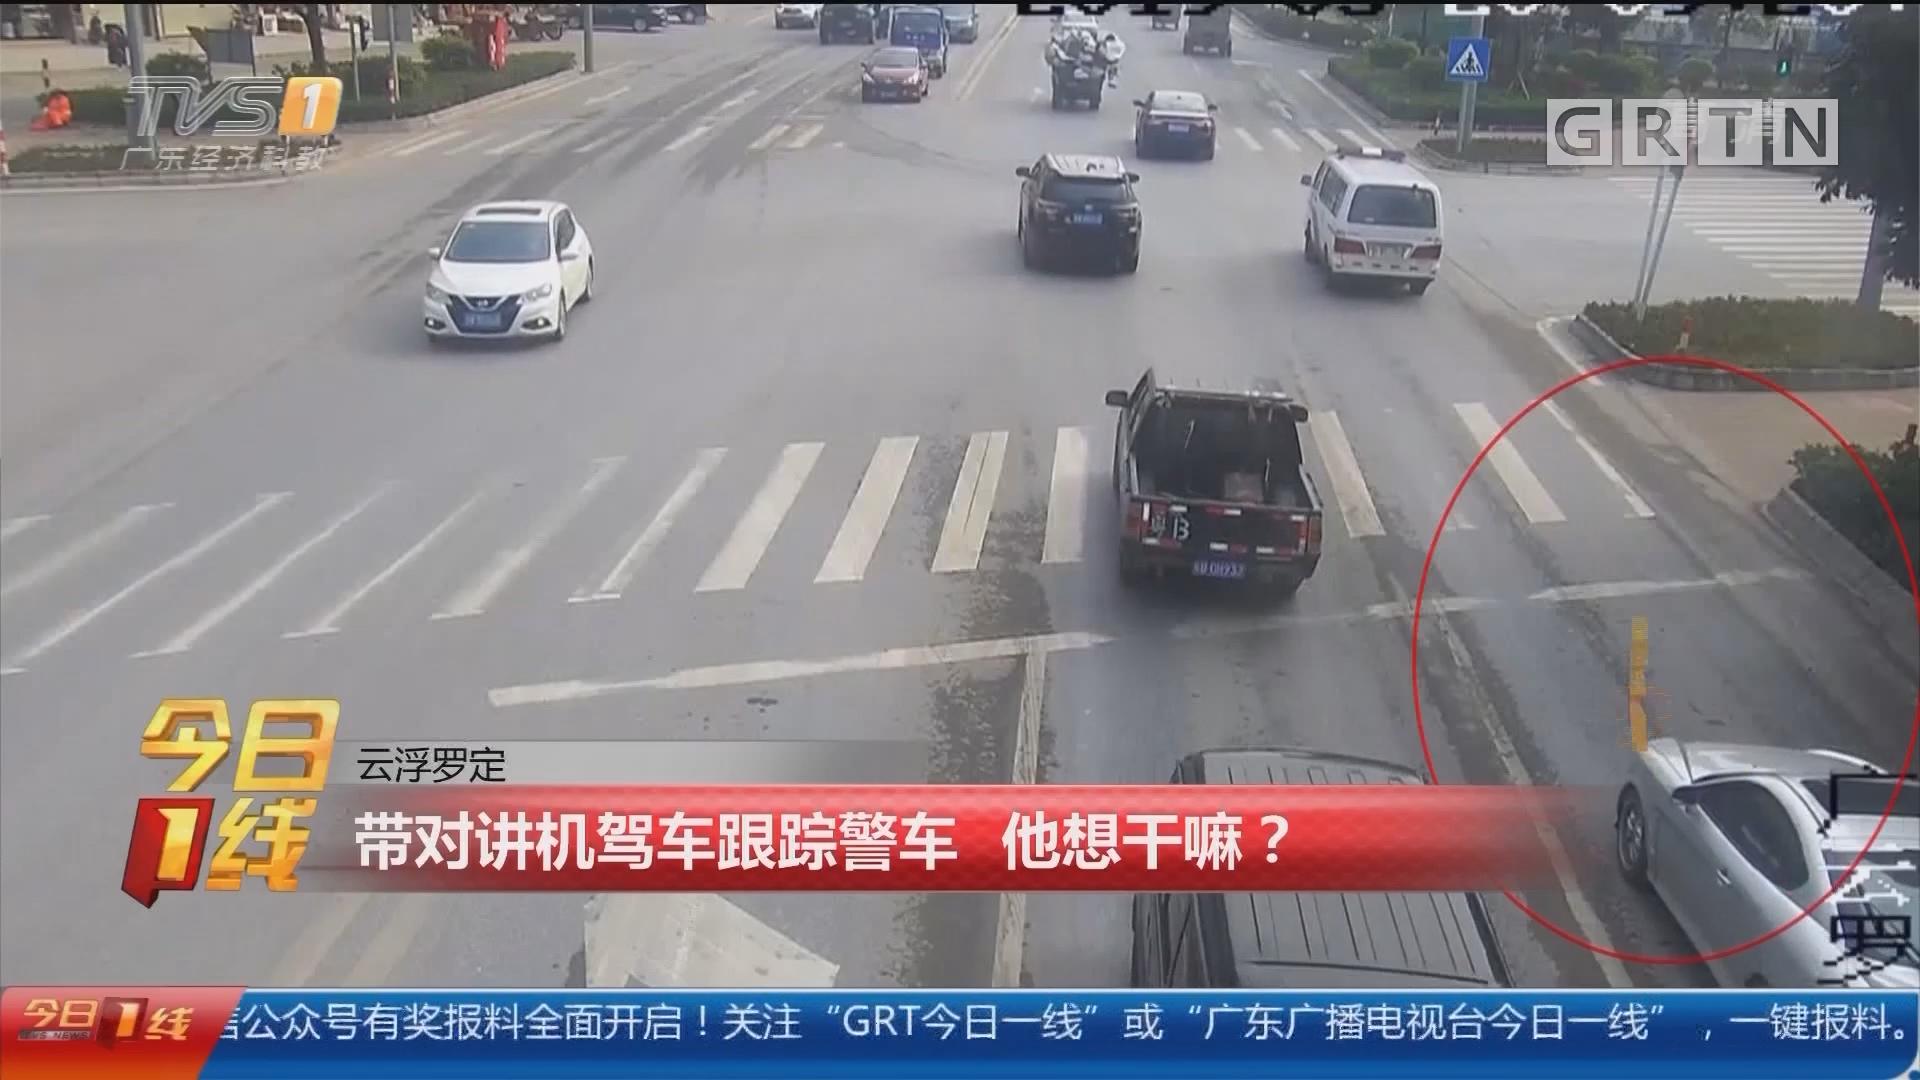 云浮罗定:带对讲机驾车跟踪警车 他想干嘛?